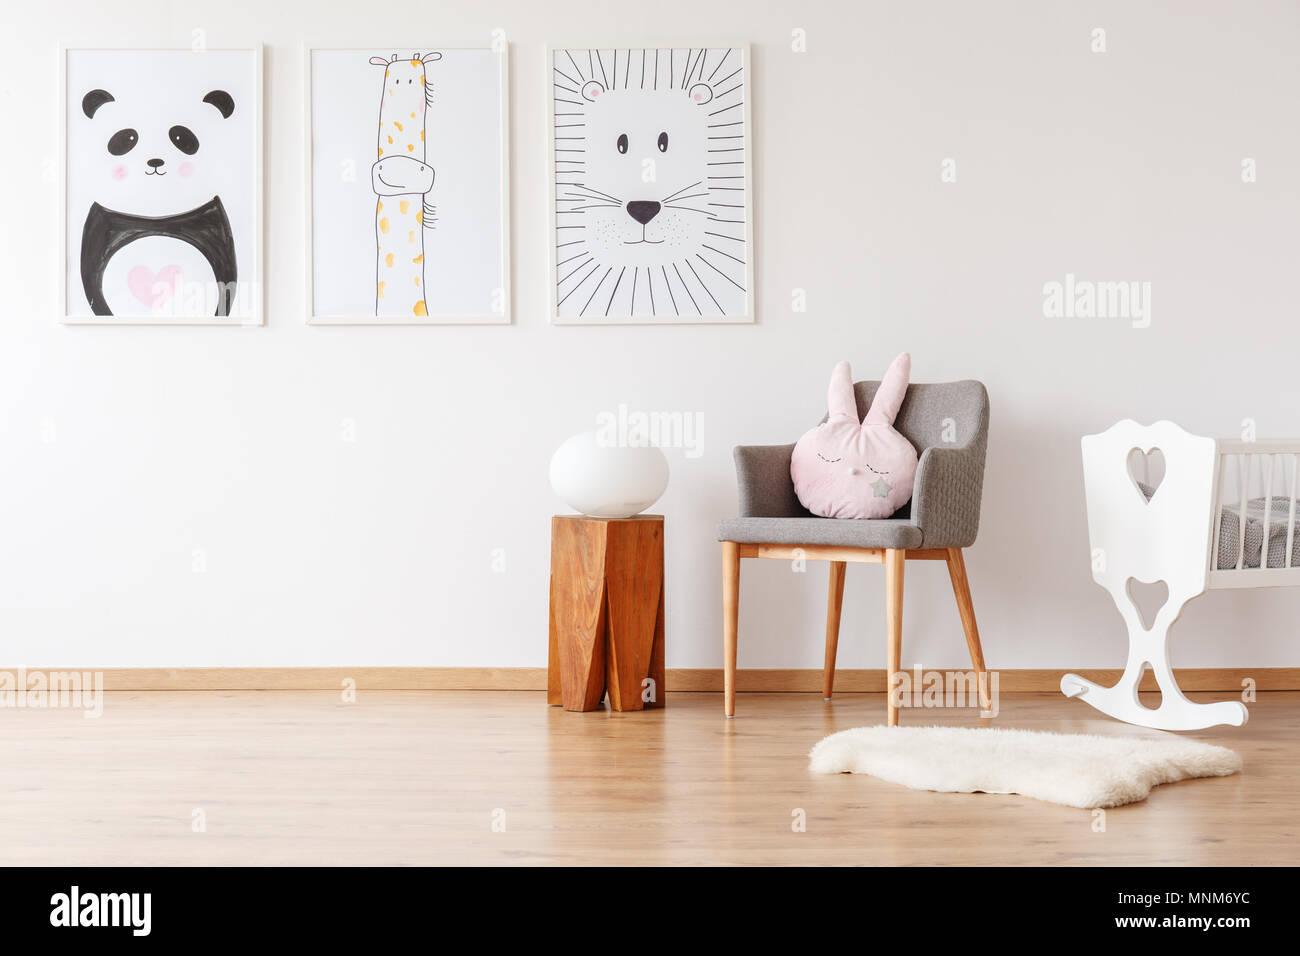 Lampada su uno sgabello di legno accanto alla sedia di colore grigio